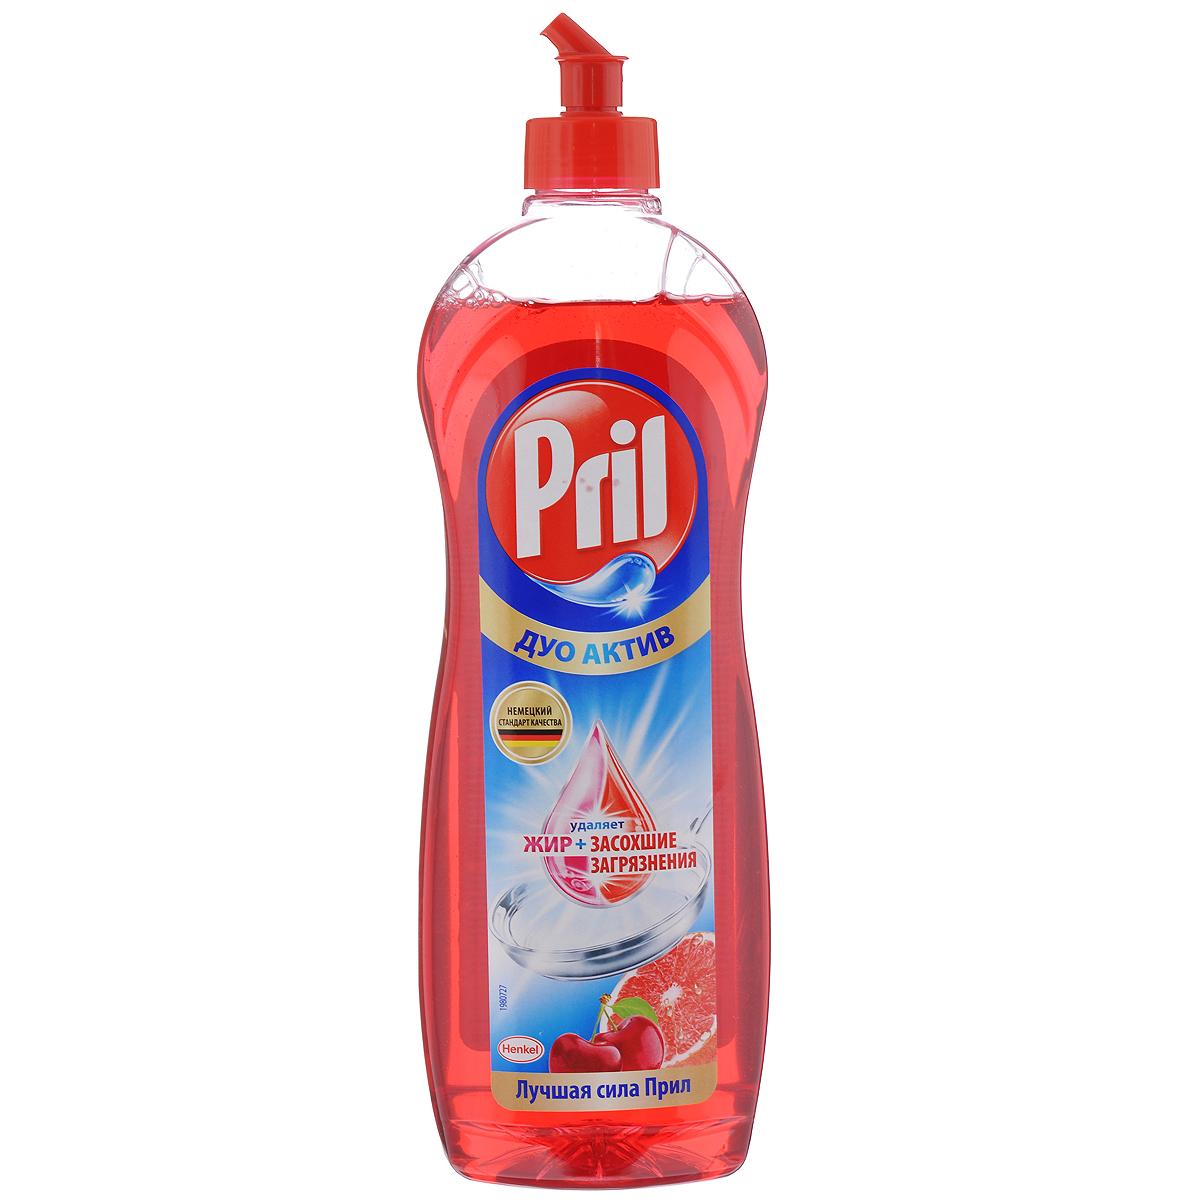 Средство для мытья посуды Pril Дуо актив, с ароматом грейпфрута и вишни, 900 мл934982Средство для мытья посуды Pril Дуо актив эффективно удаляет жир и засохшие загрязнения с посуды. Наполнит ее приятным ароматом. Легко смывается, не оставляя следов. Состав: 5-15% анионные ПАВ, Товар сертифицирован.